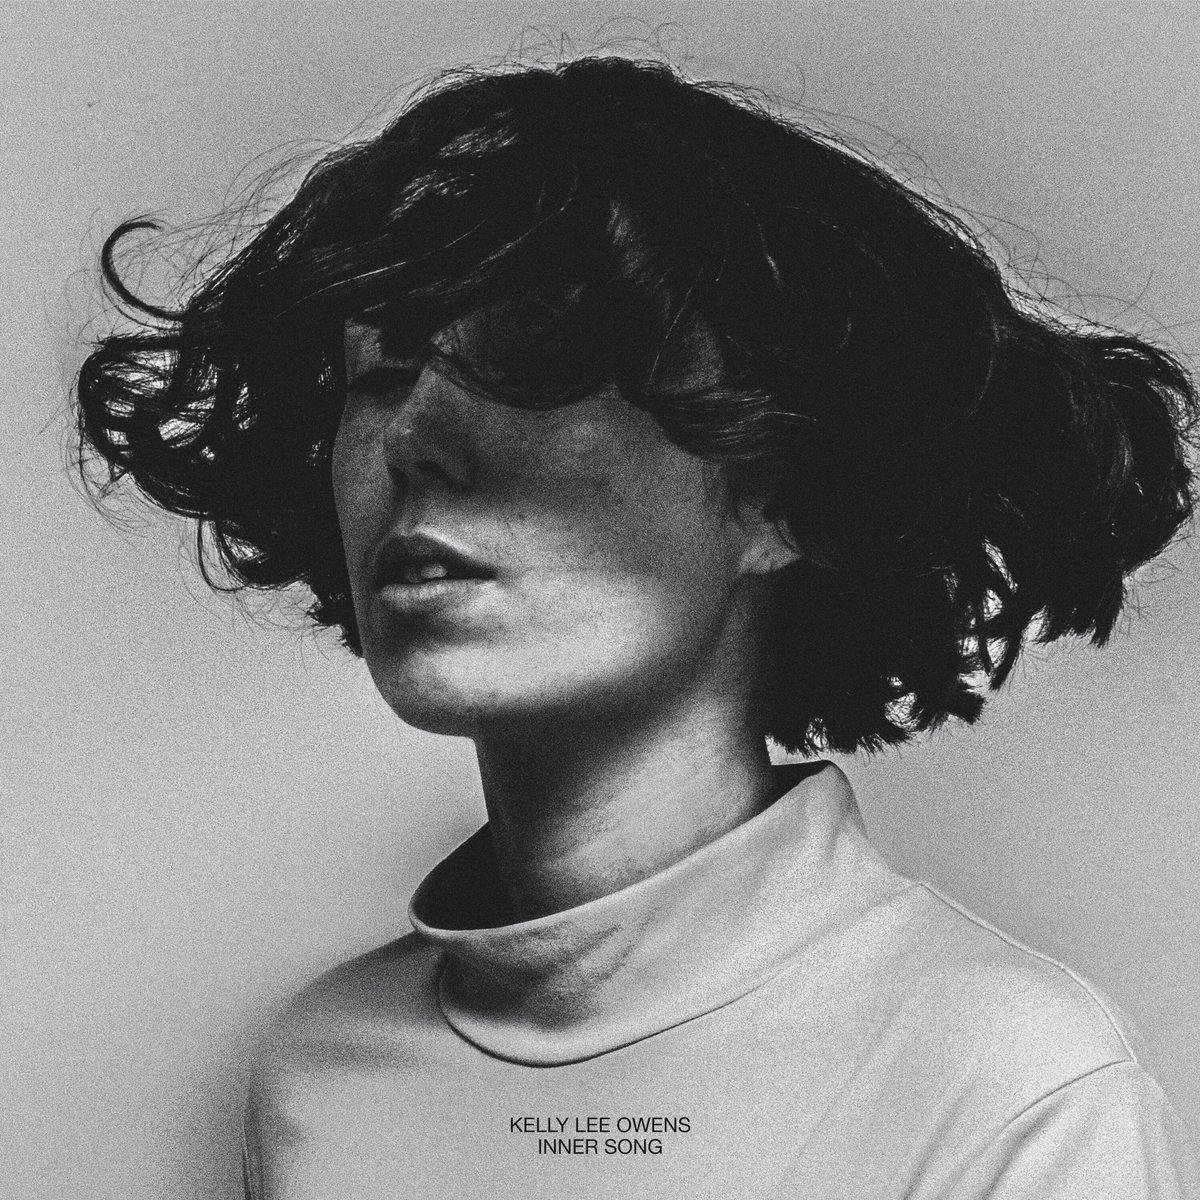 келли ли оуэнс inner song альбом рецензия 2020